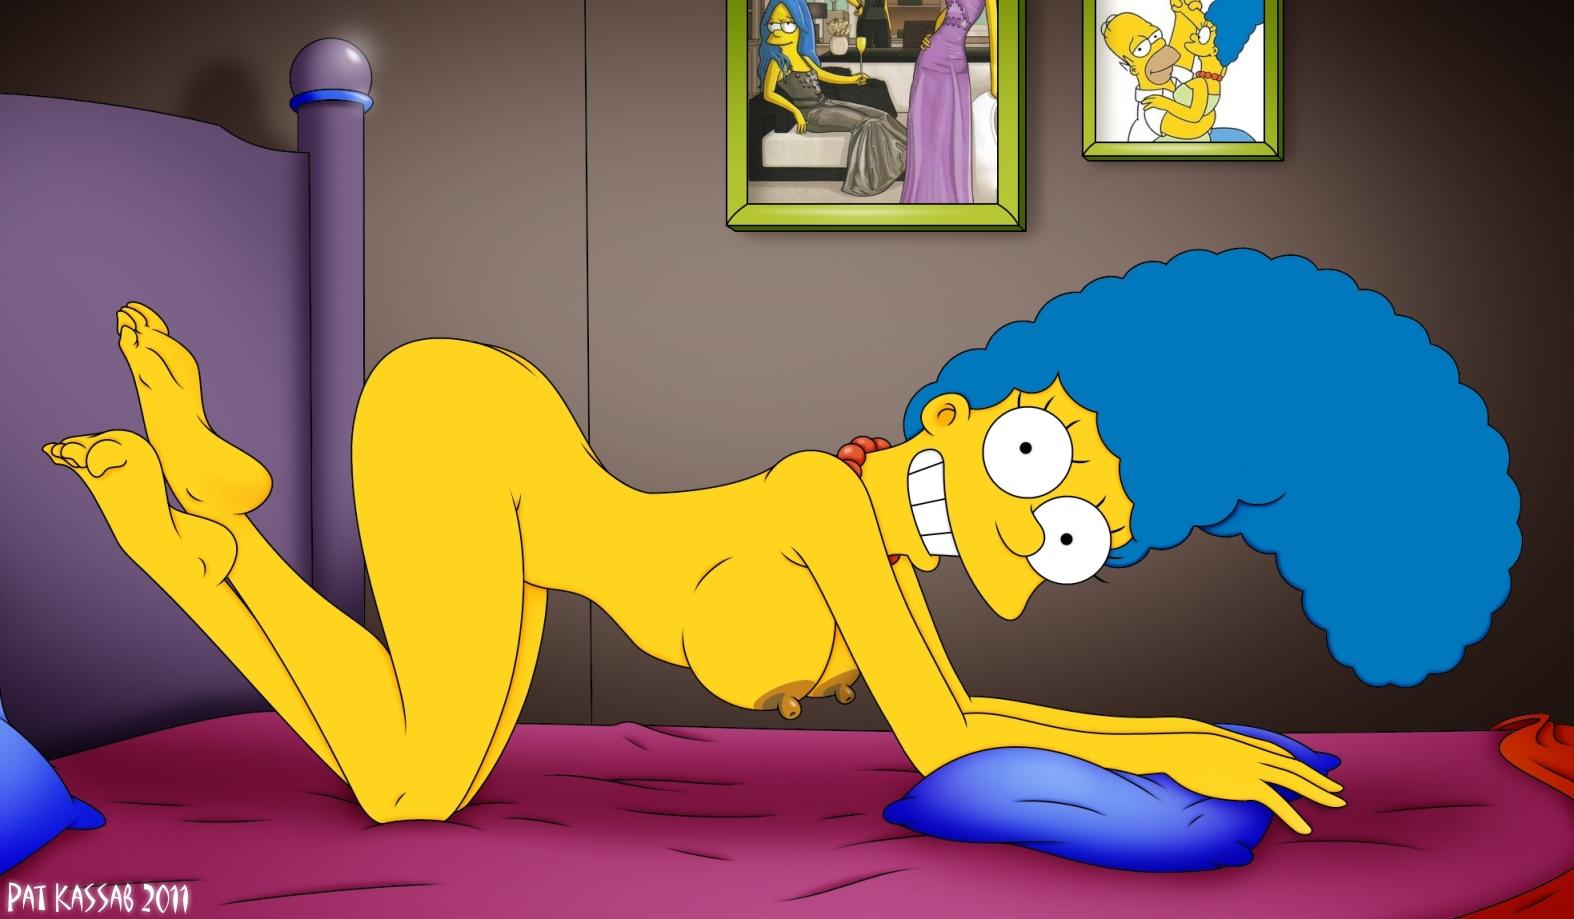 010_674282_Marge_Simpson_Pat_Kassab_The_Simpsons